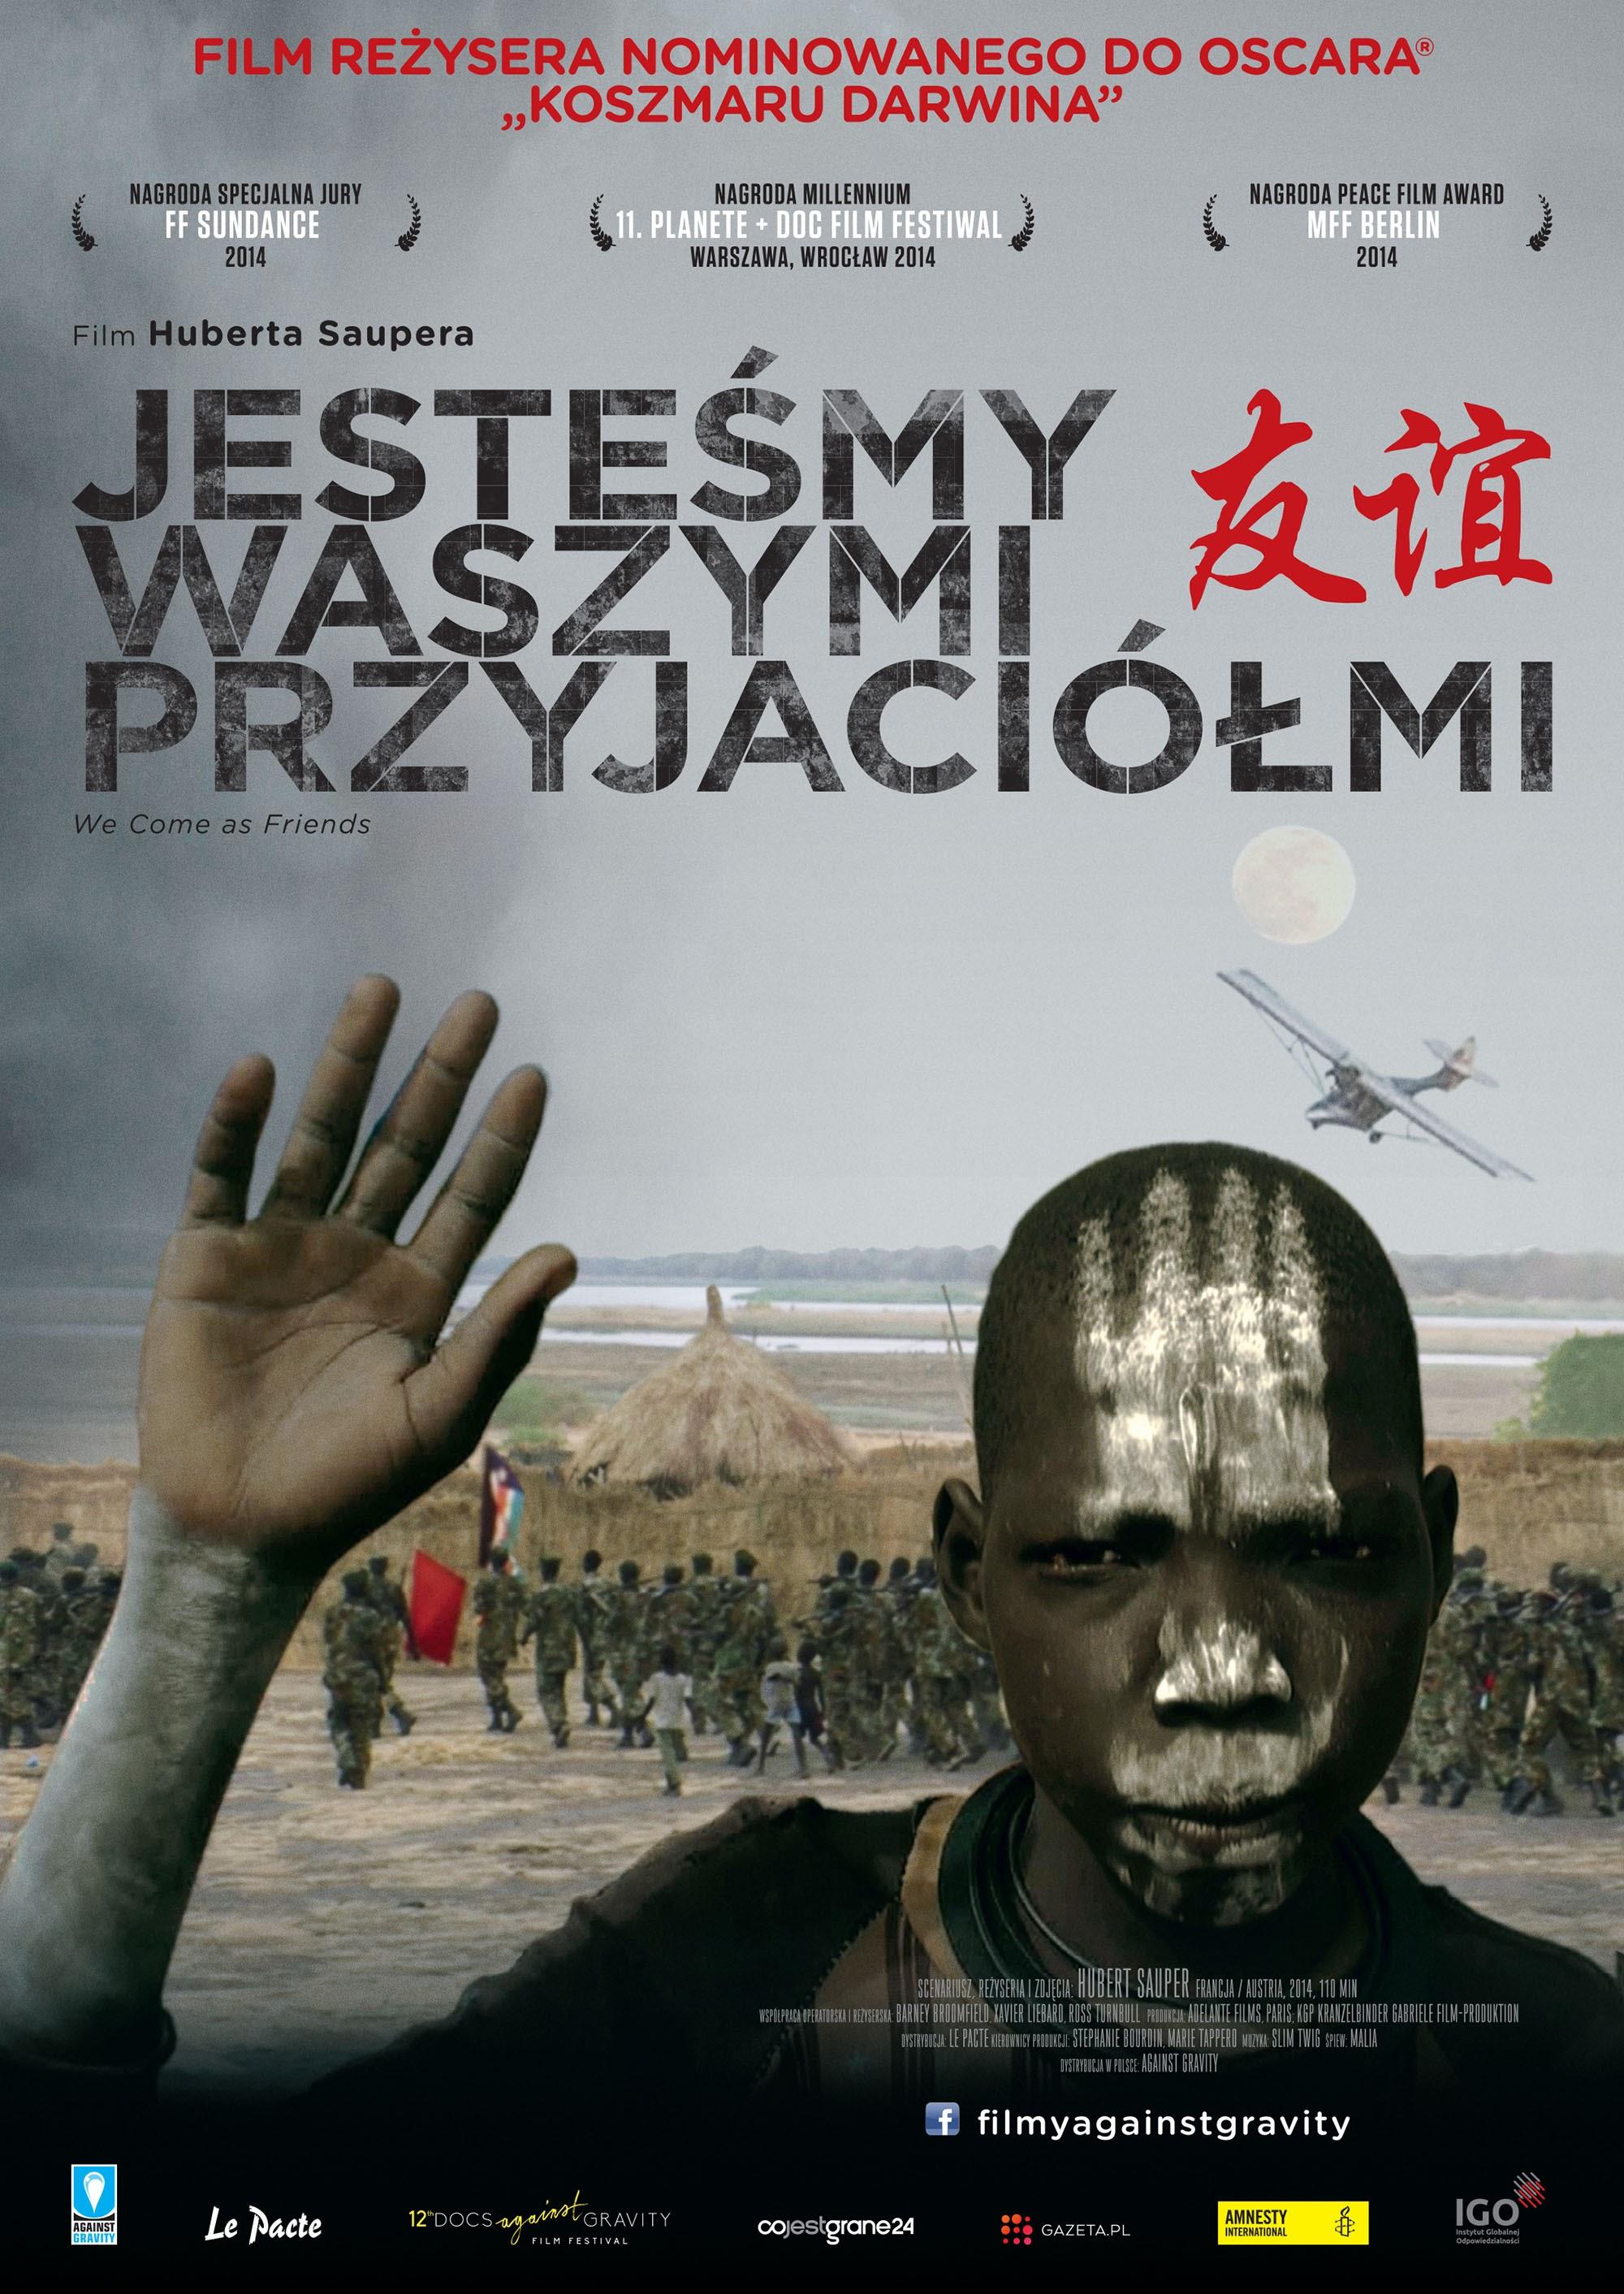 Polski plakat filmu 'Jesteśmy Waszymi Przyjaciółmi'